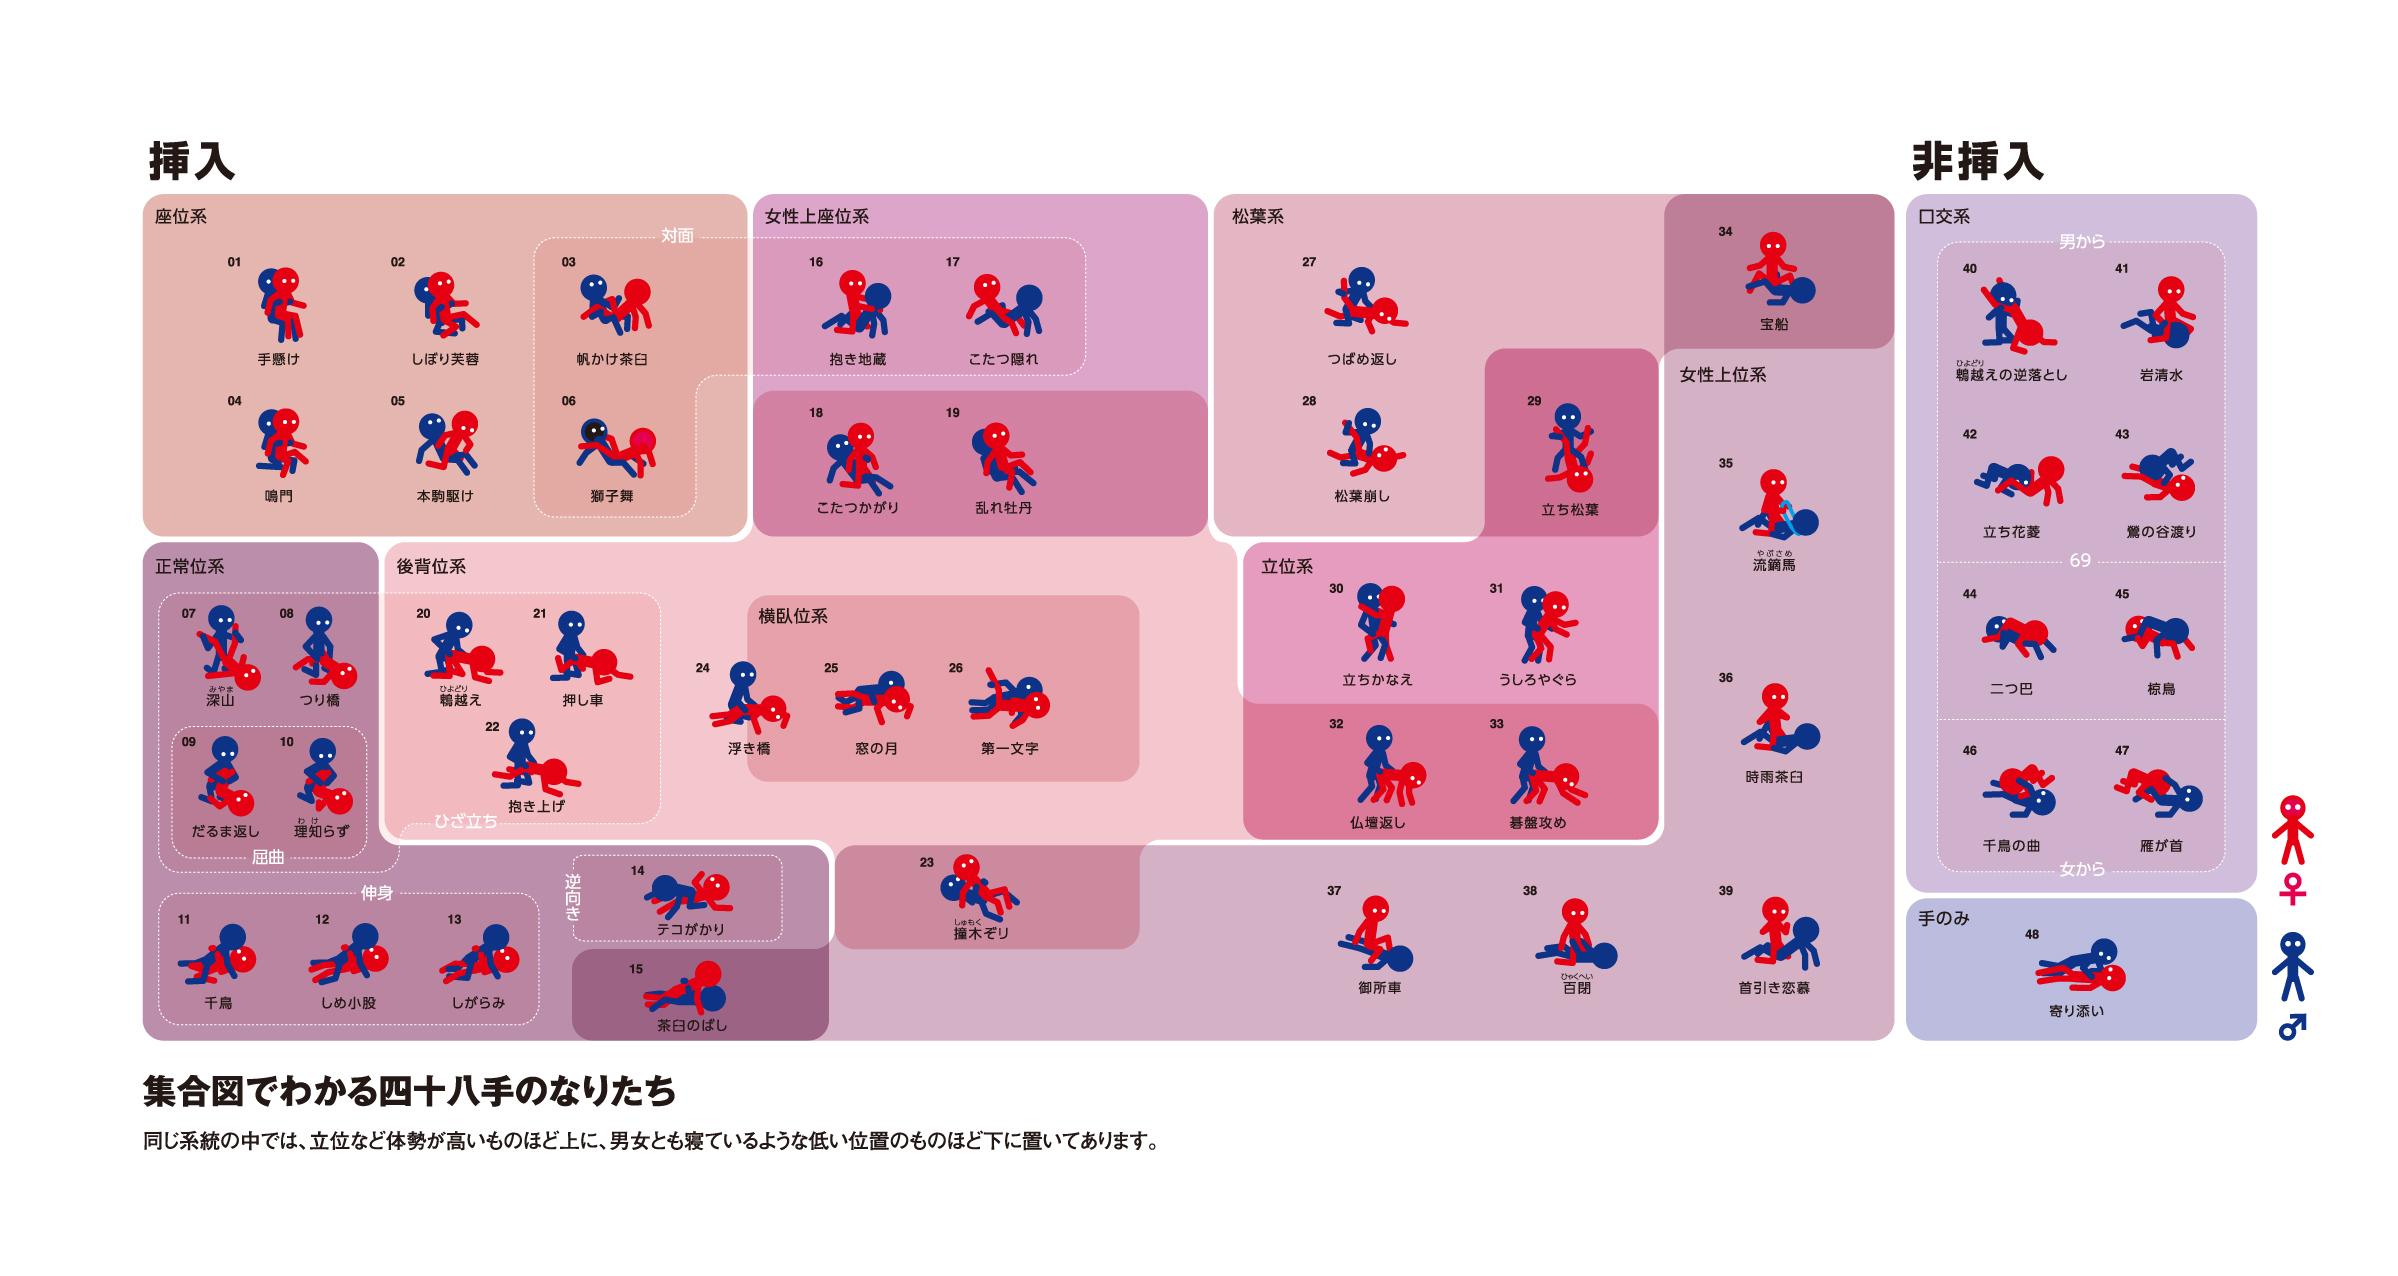 【社会】女性の「一夜限りの関係」経験率 全国1位の宮崎県は6割超え©2ch.net YouTube動画>12本 ->画像>20枚